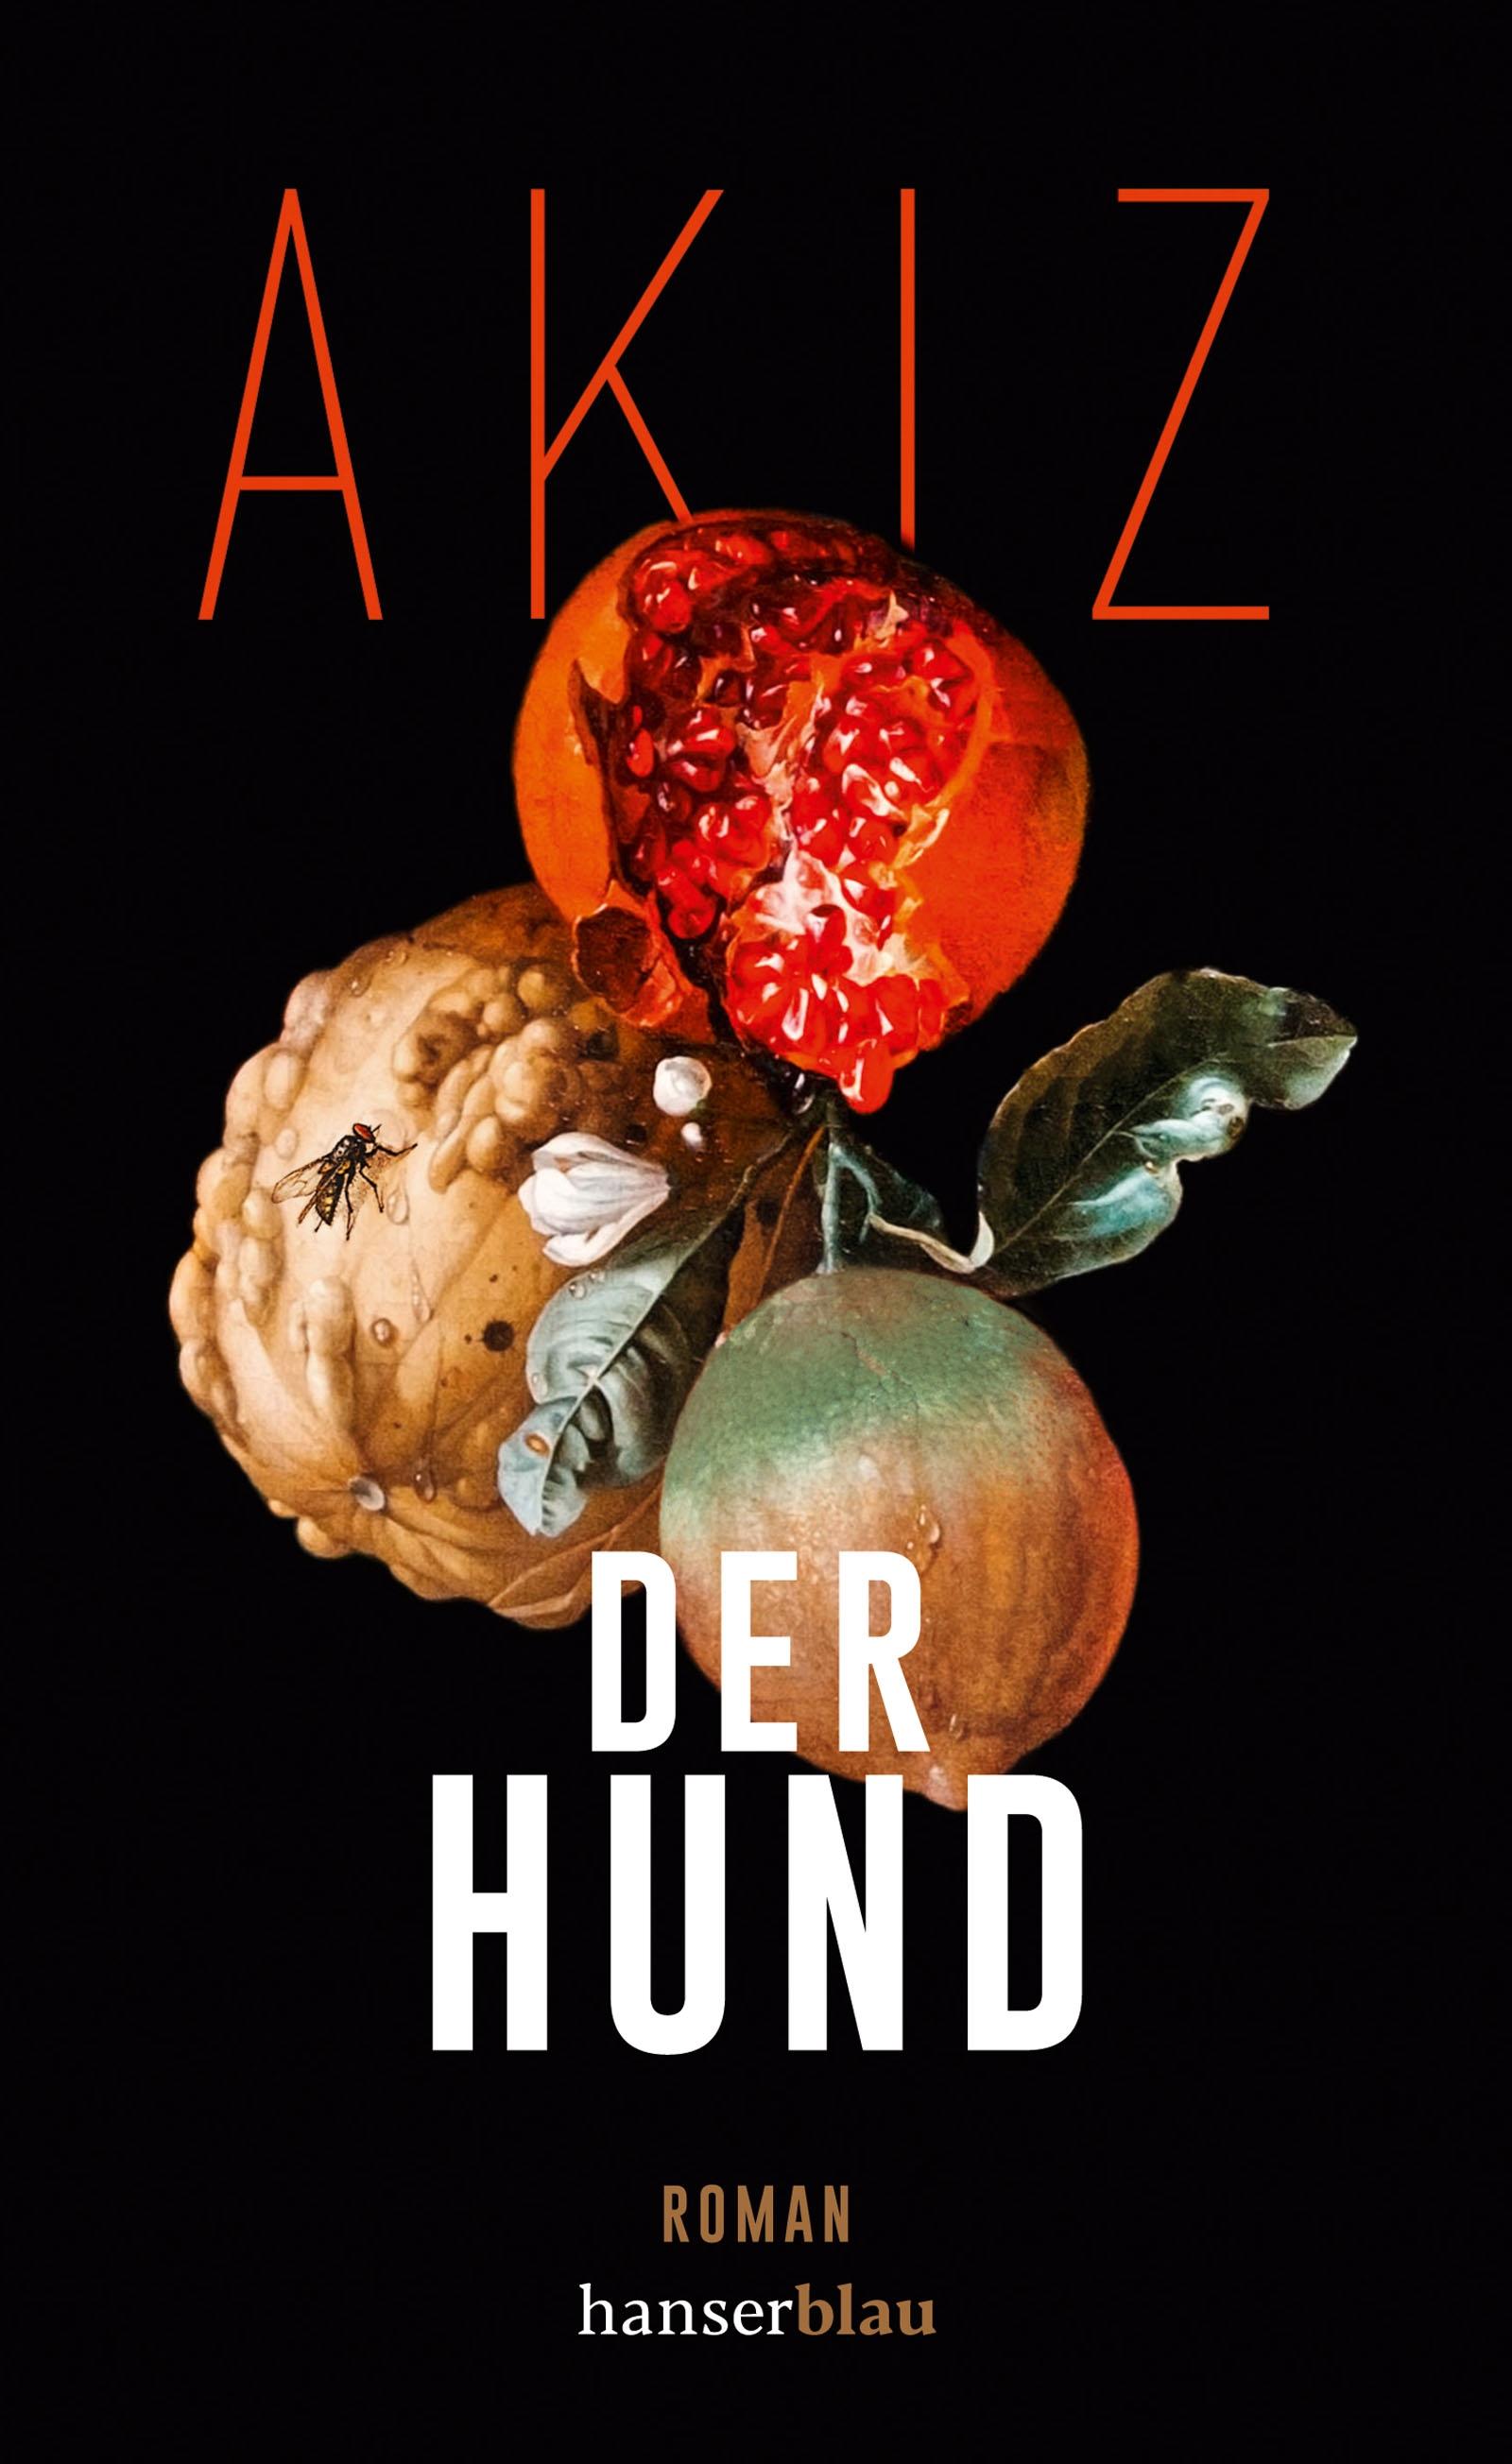 https://www.hanser-literaturverlage.de/buch/der-hund/978-3-446-26599-8/